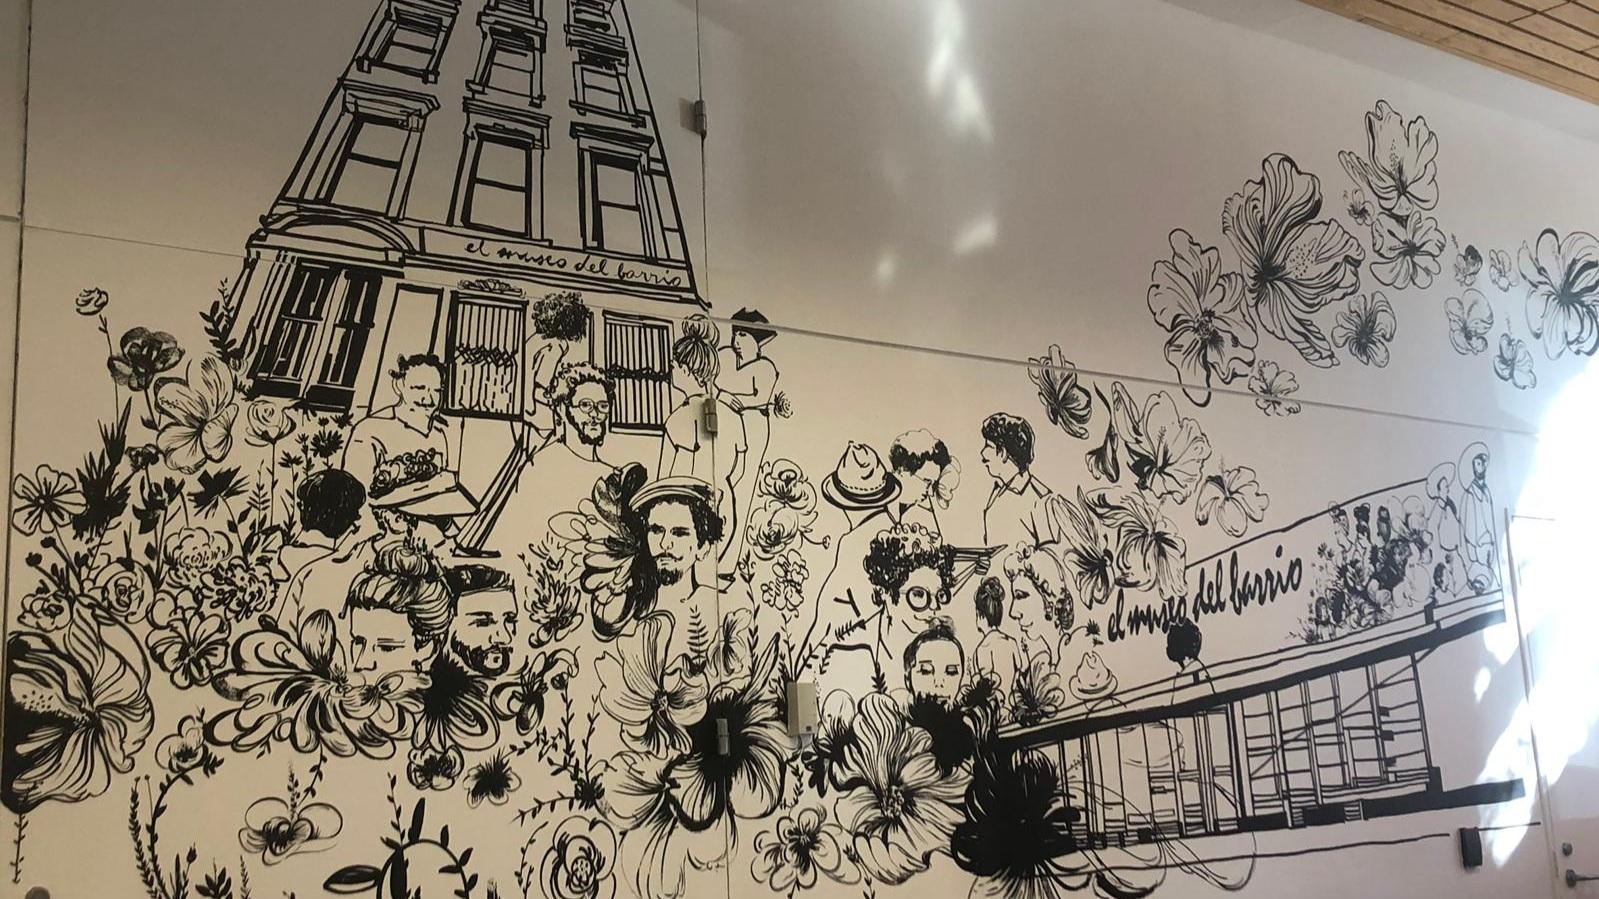 museo+del+barrio+final.jpg